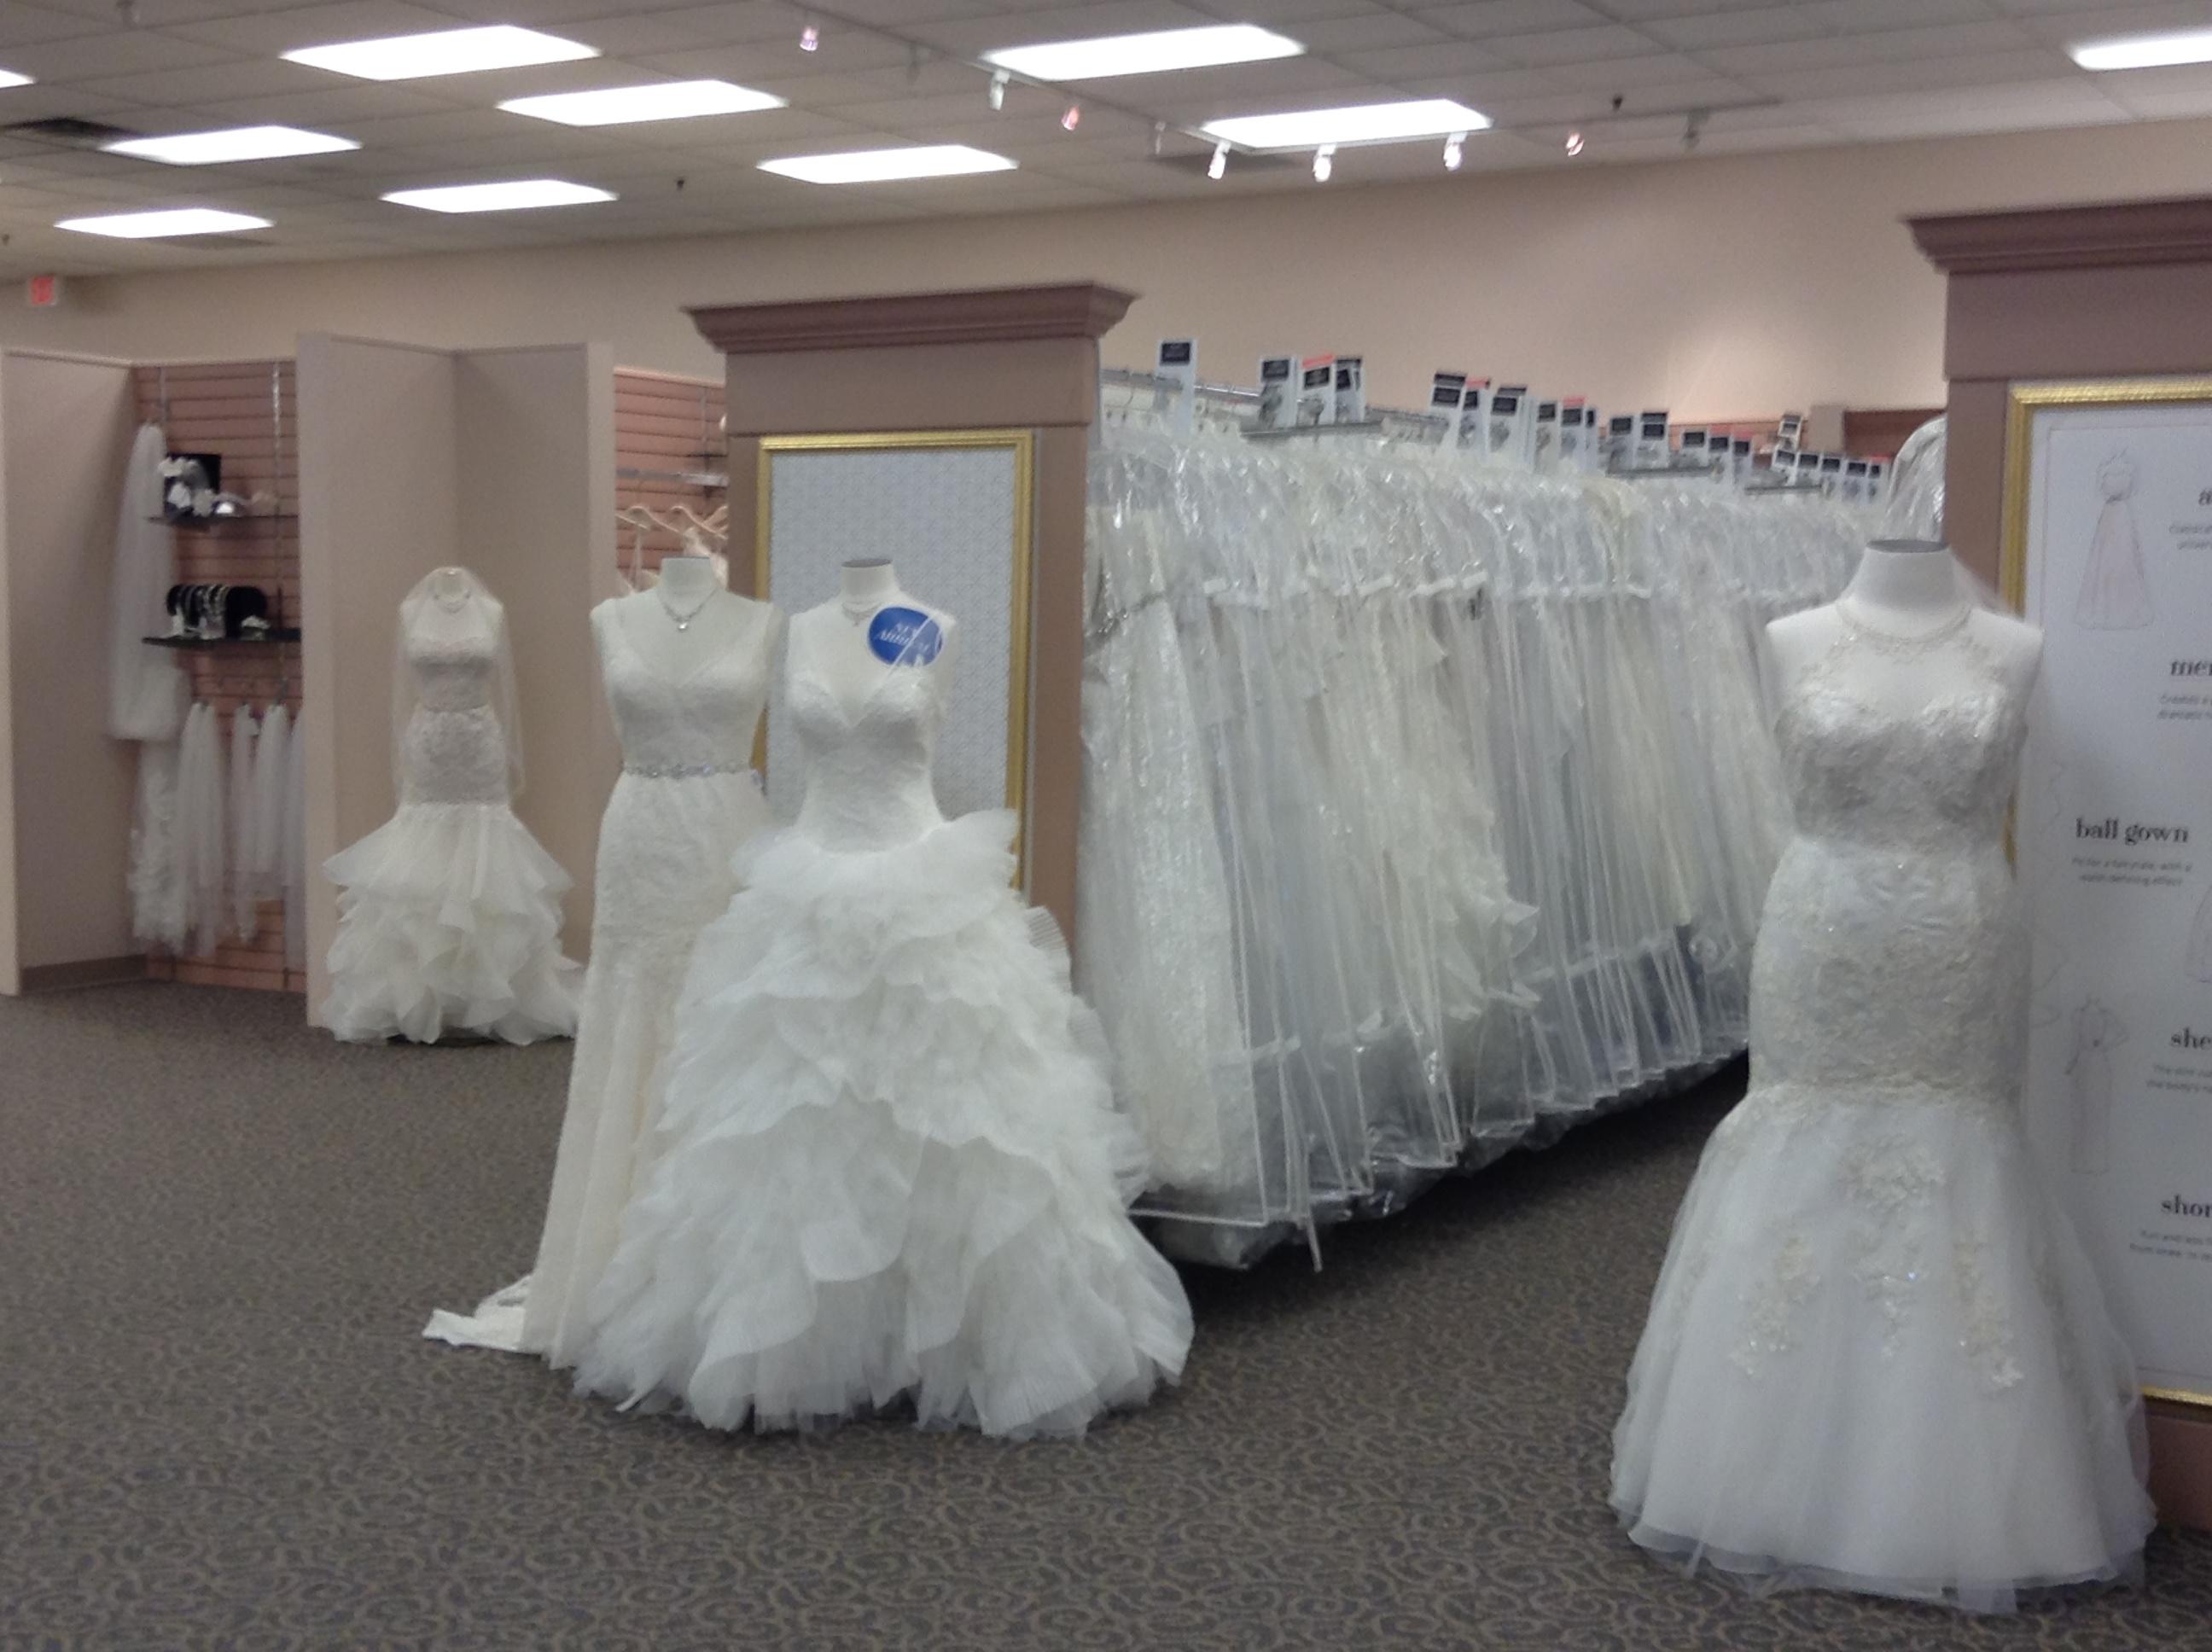 David S Bridal Bridal Shop Mesquite Tx 75150